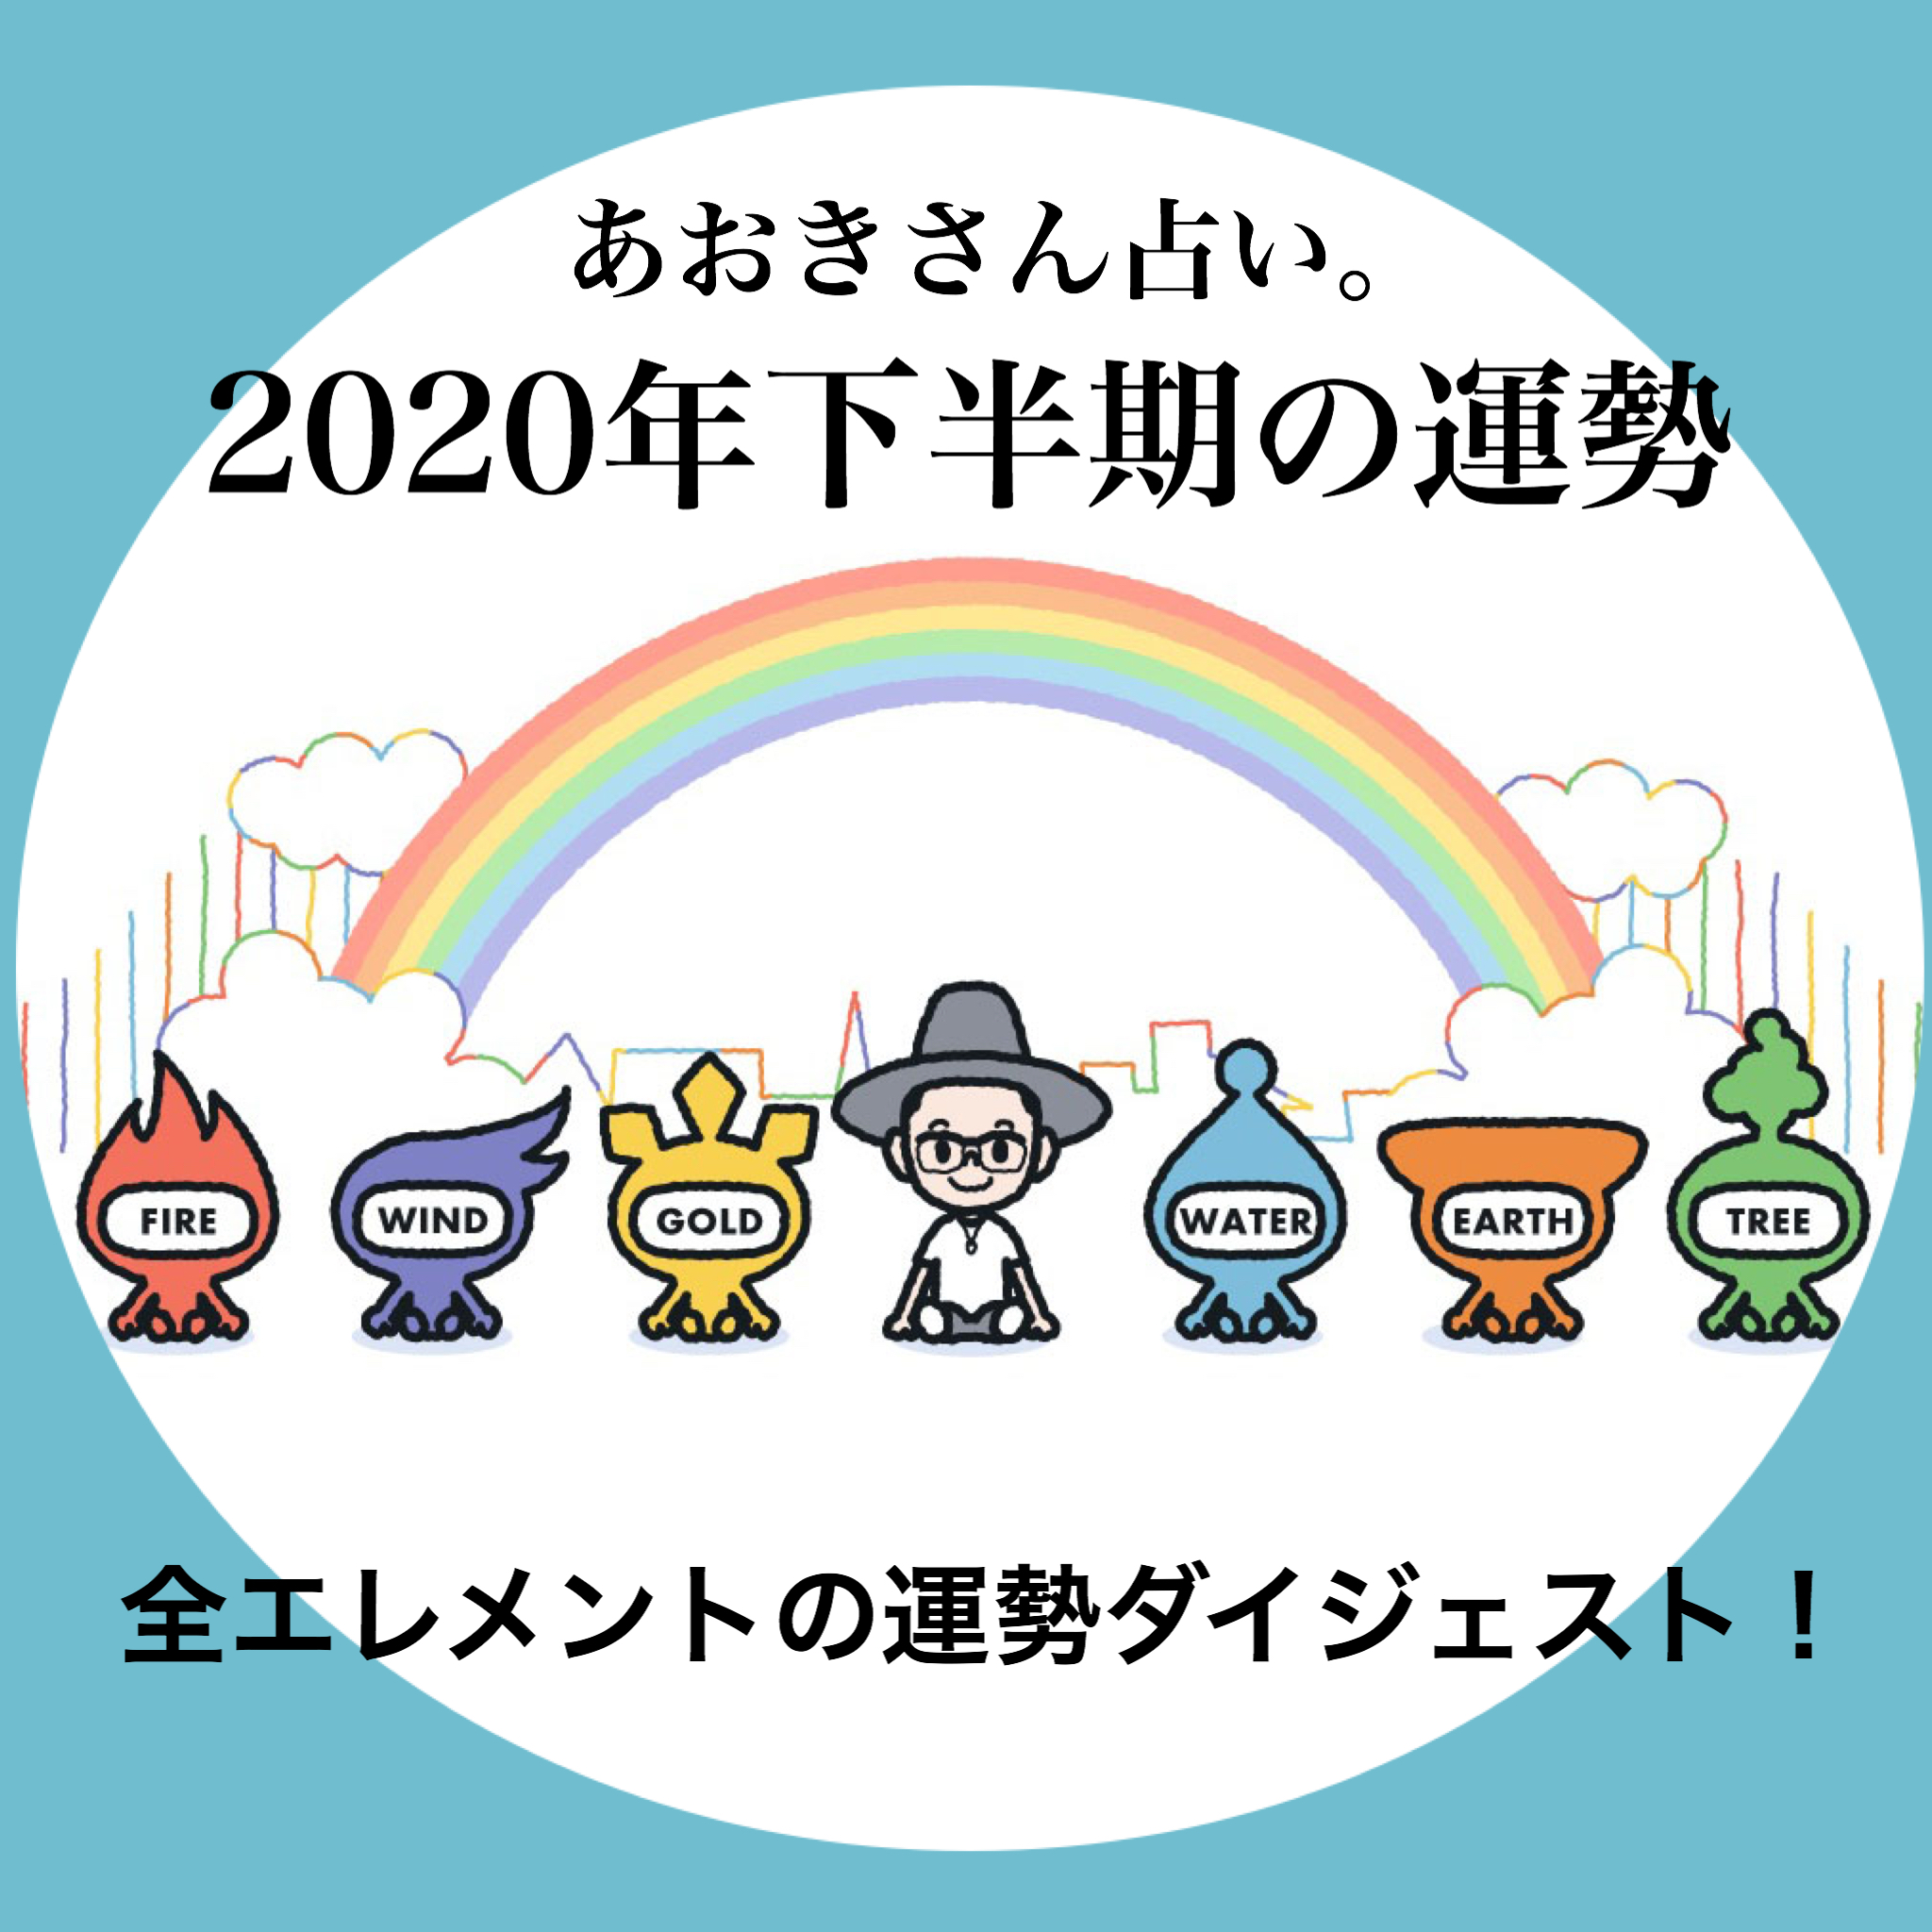 2020 下半期 占い